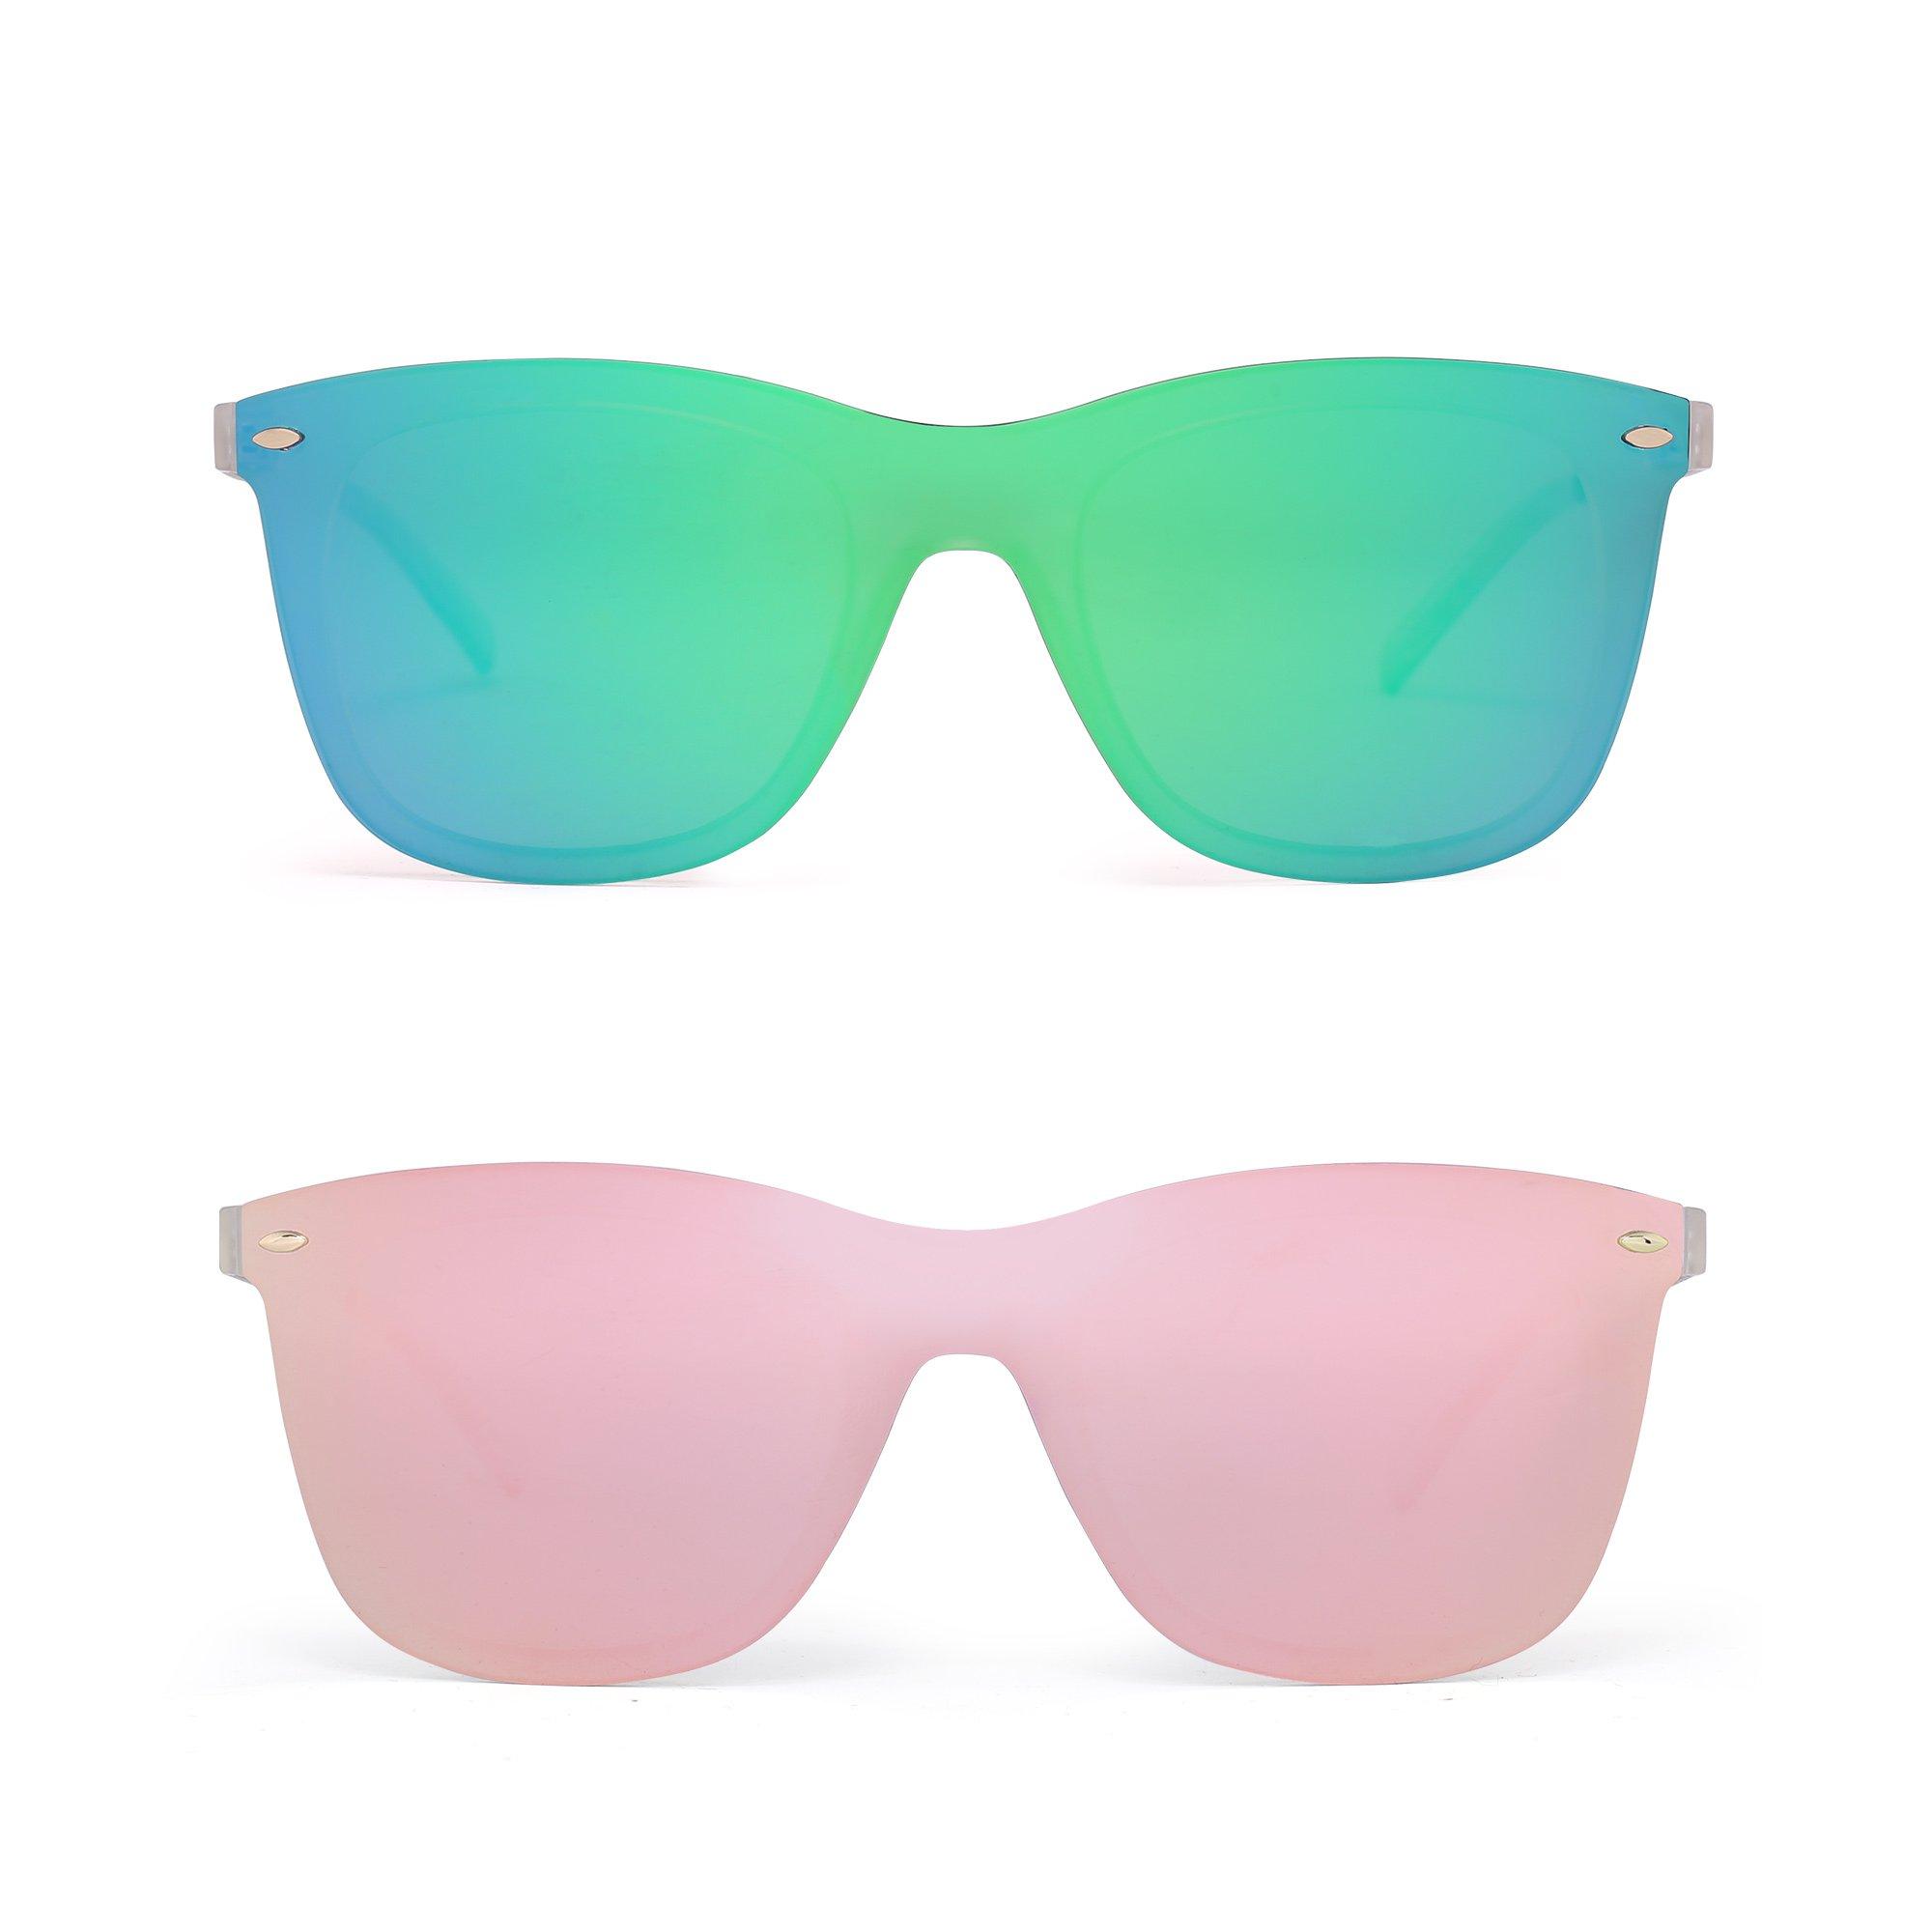 Sin Montura Espejo Gafas de Sol Una Pieza Sin Marco Anteojos Hombre Mujer product image